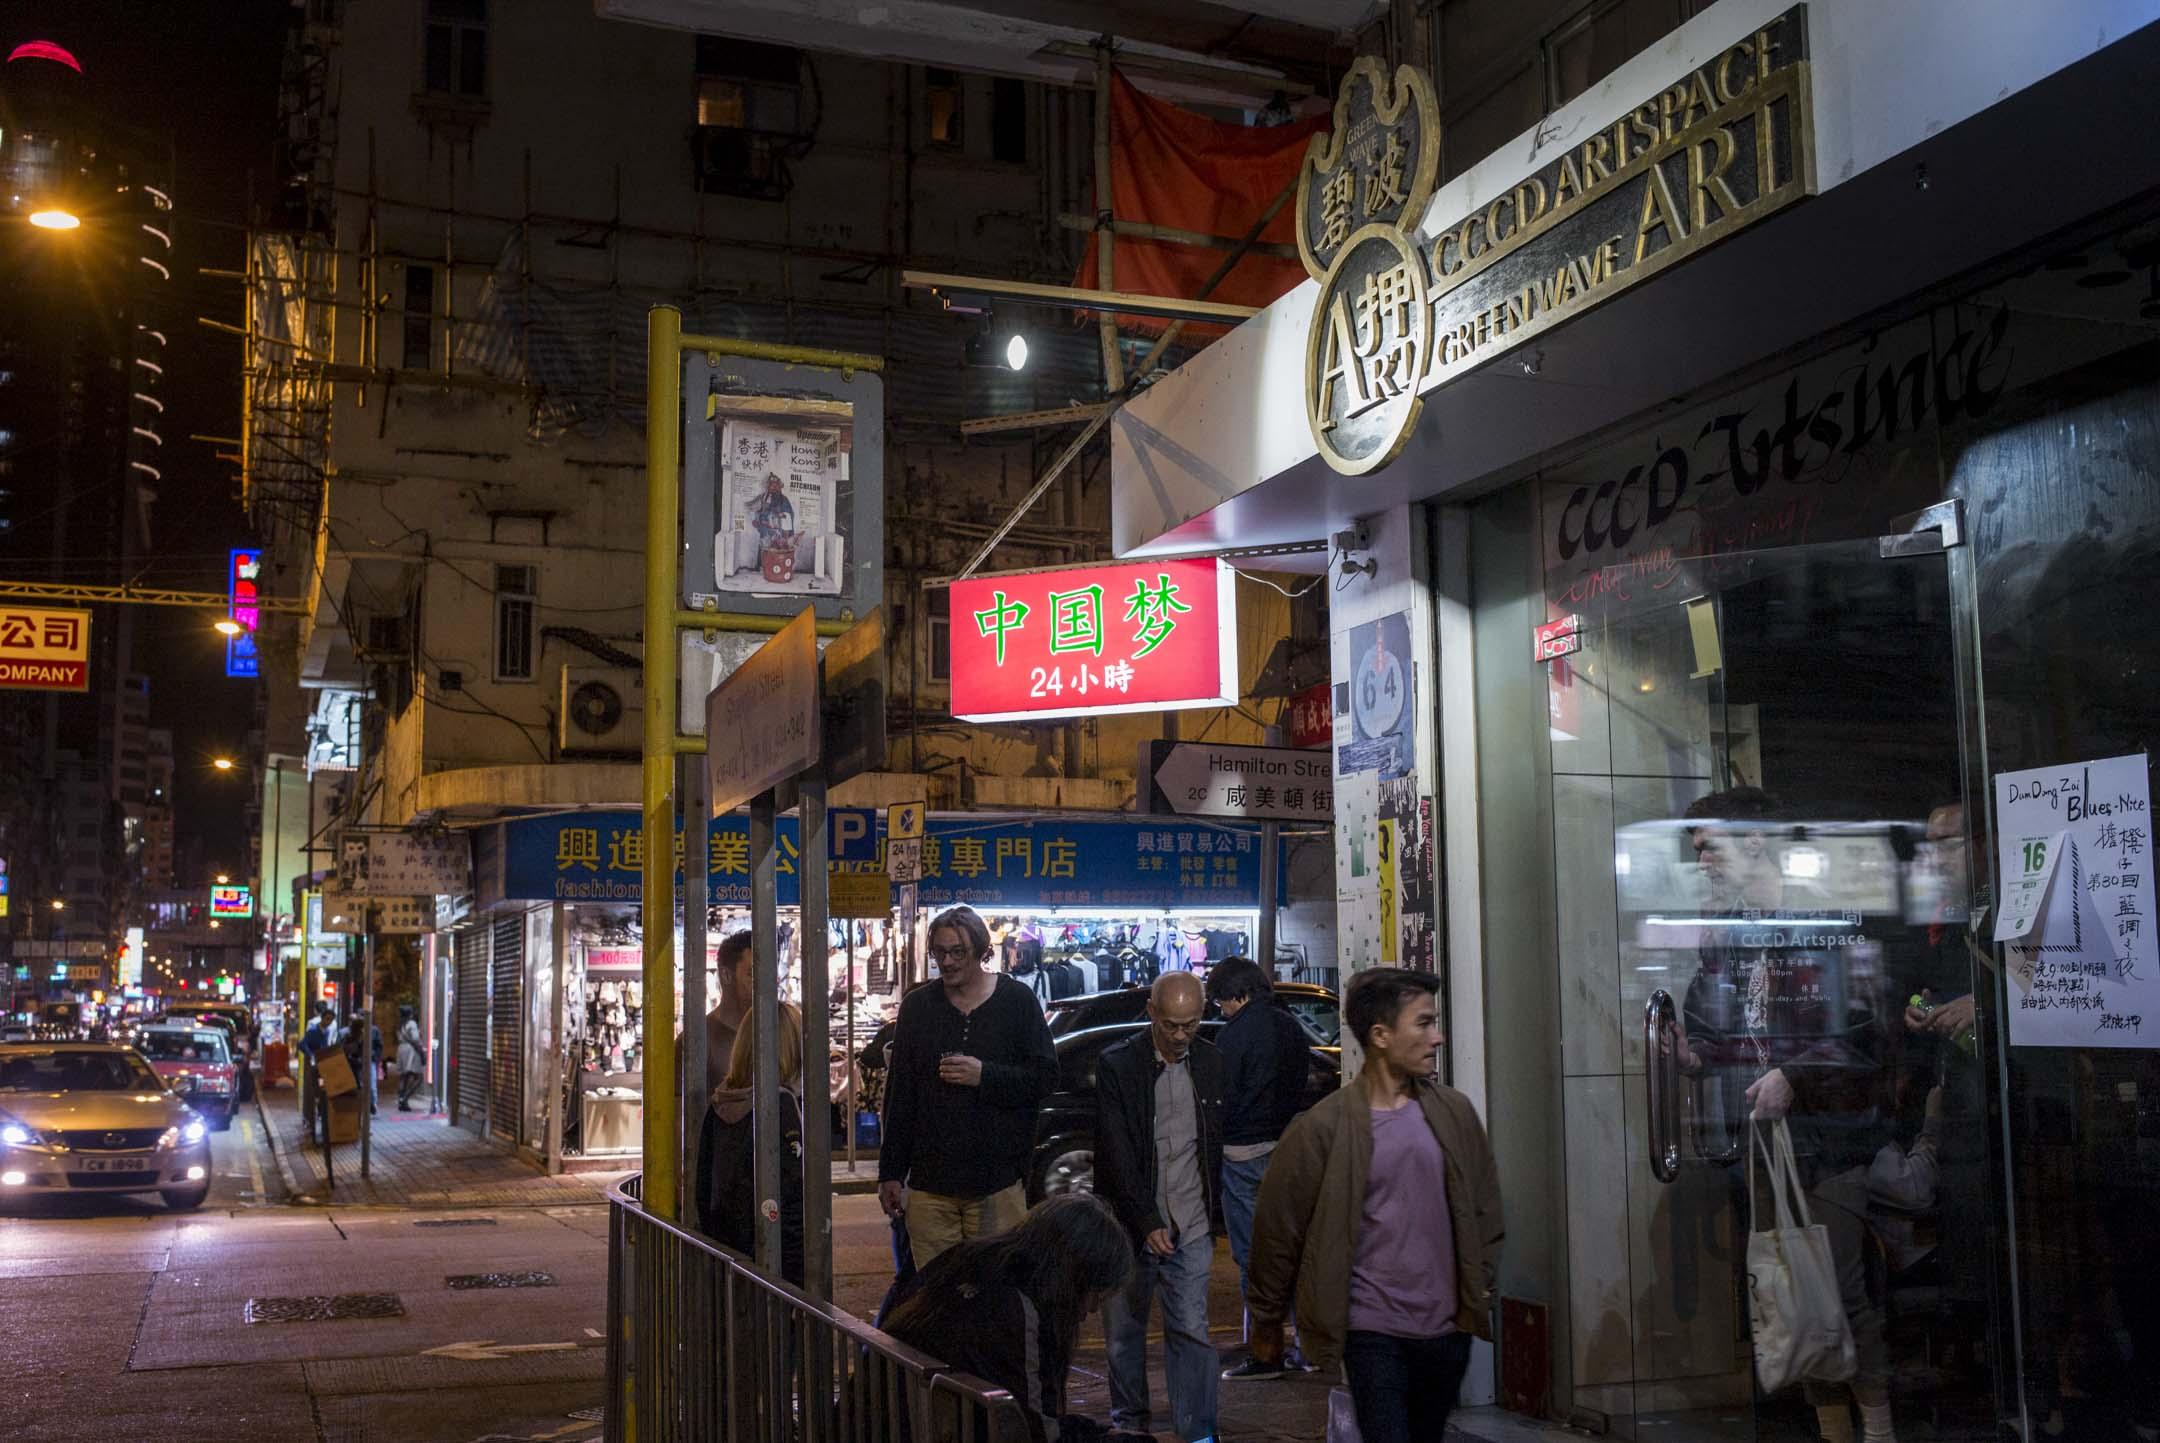 油麻地上海街404號地舖,自1999年起由藝術發展局審批和資助,交給中選的藝術團體經營,是香港唯一由公帑資助運營的社區藝術空間。三木於2016年開始營運藝術空間,取名Big Wave Art,半音半意,叫「碧波押」。 攝:林振東/端傳媒